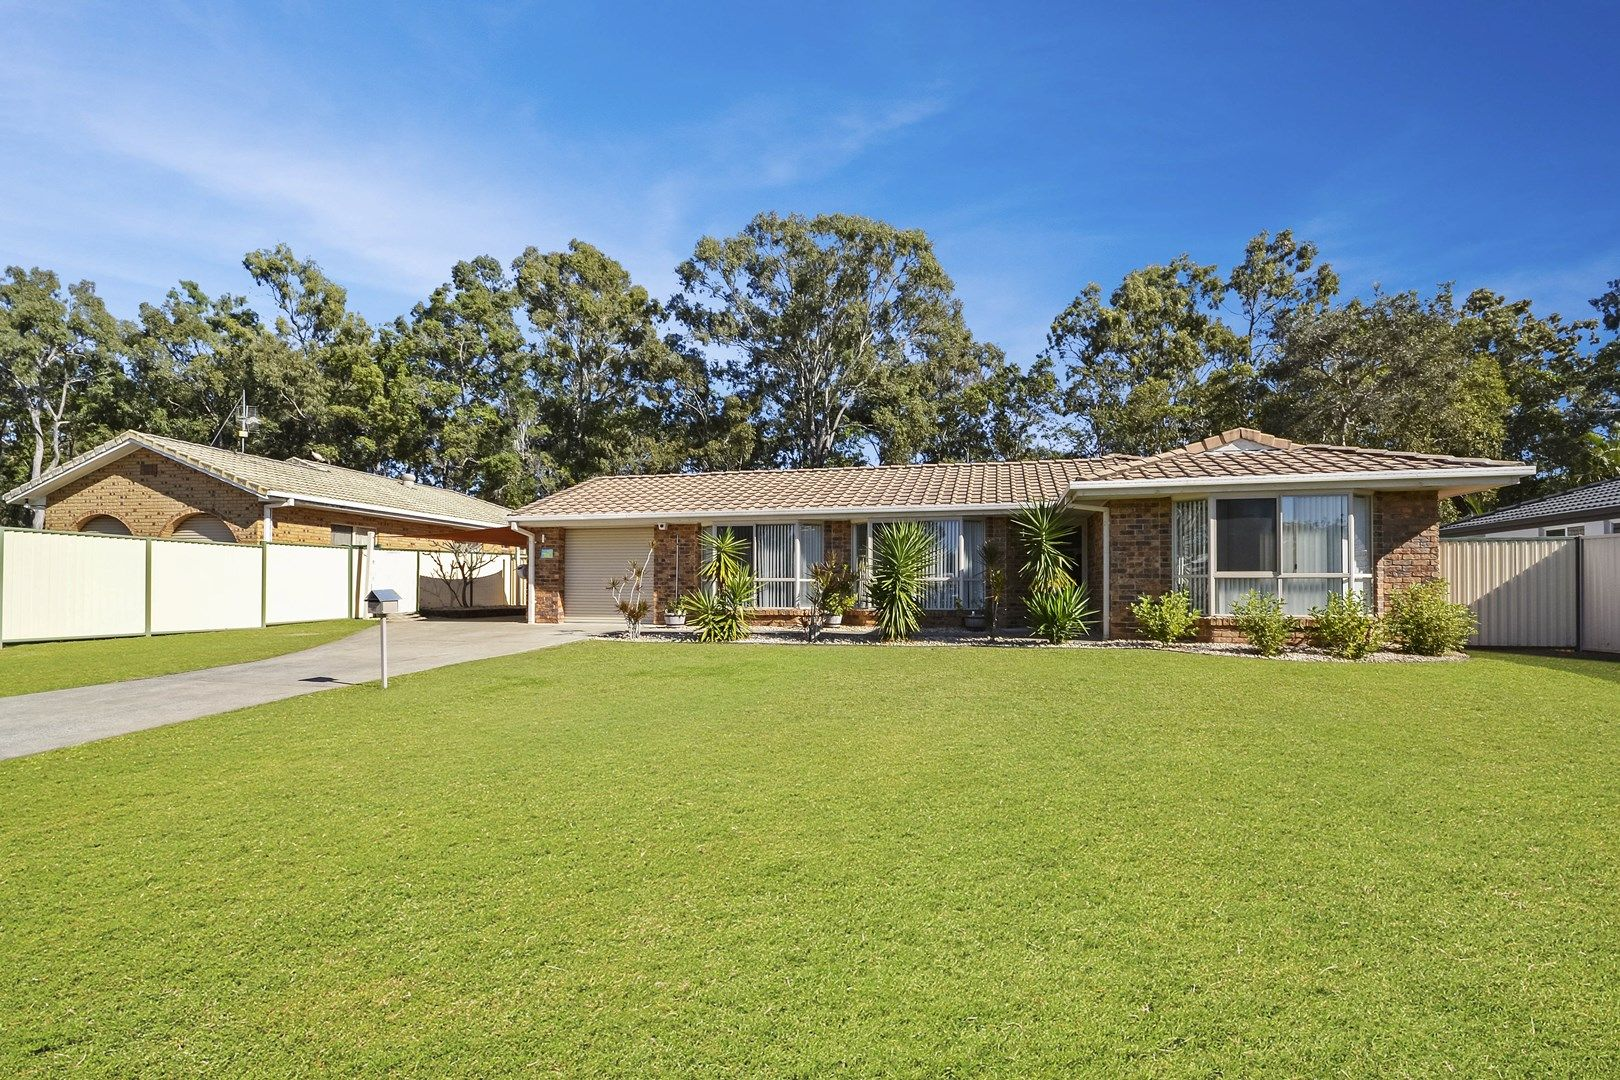 47 Kingaroy Ave, Helensvale QLD 4212, Image 0